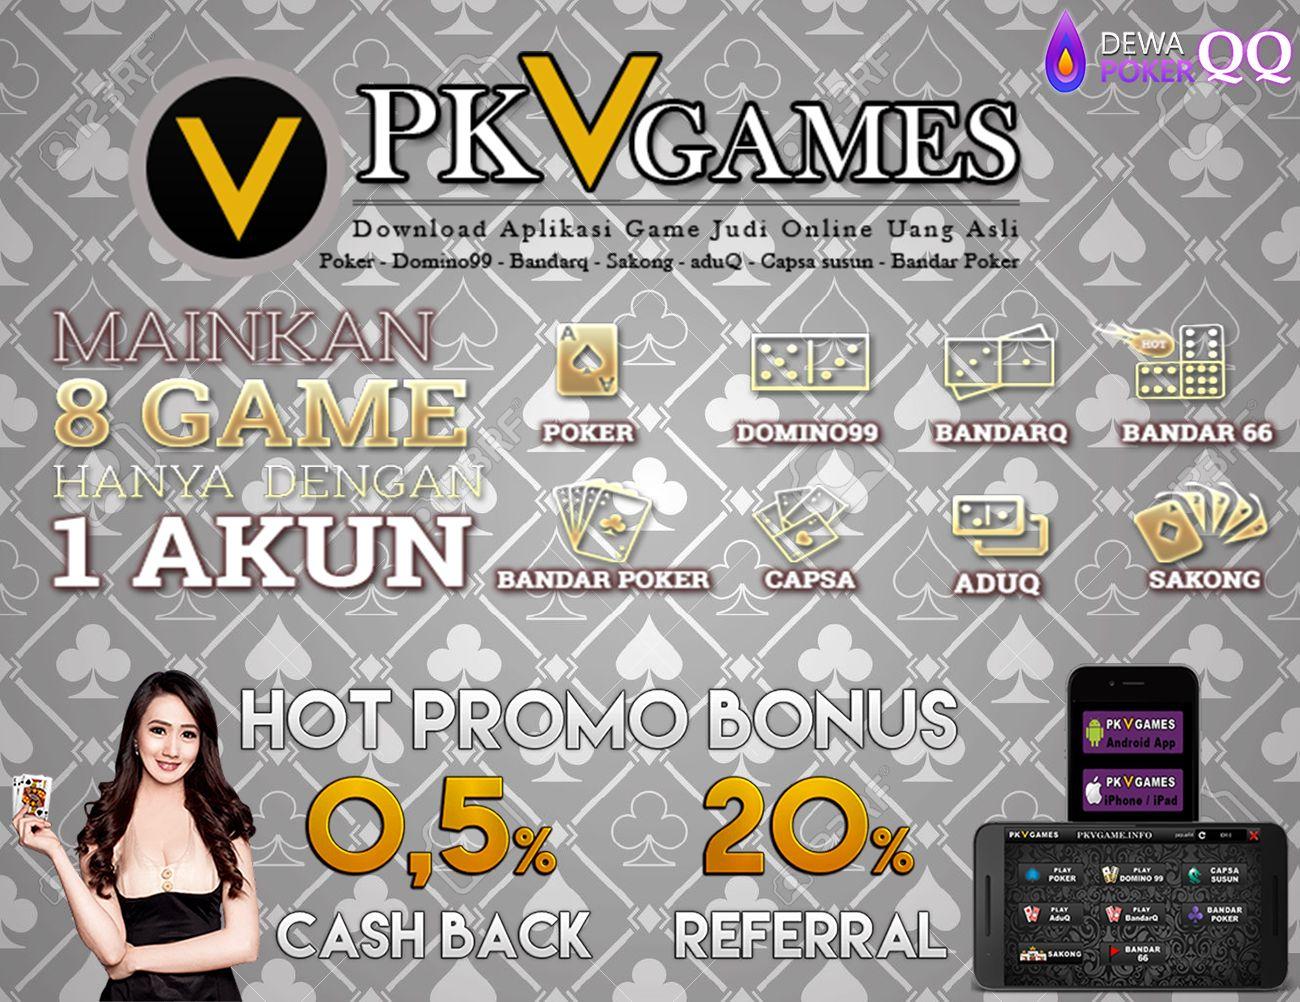 Pin On Situs Judi Online Terpecaya Bandarpoker Pokeronline